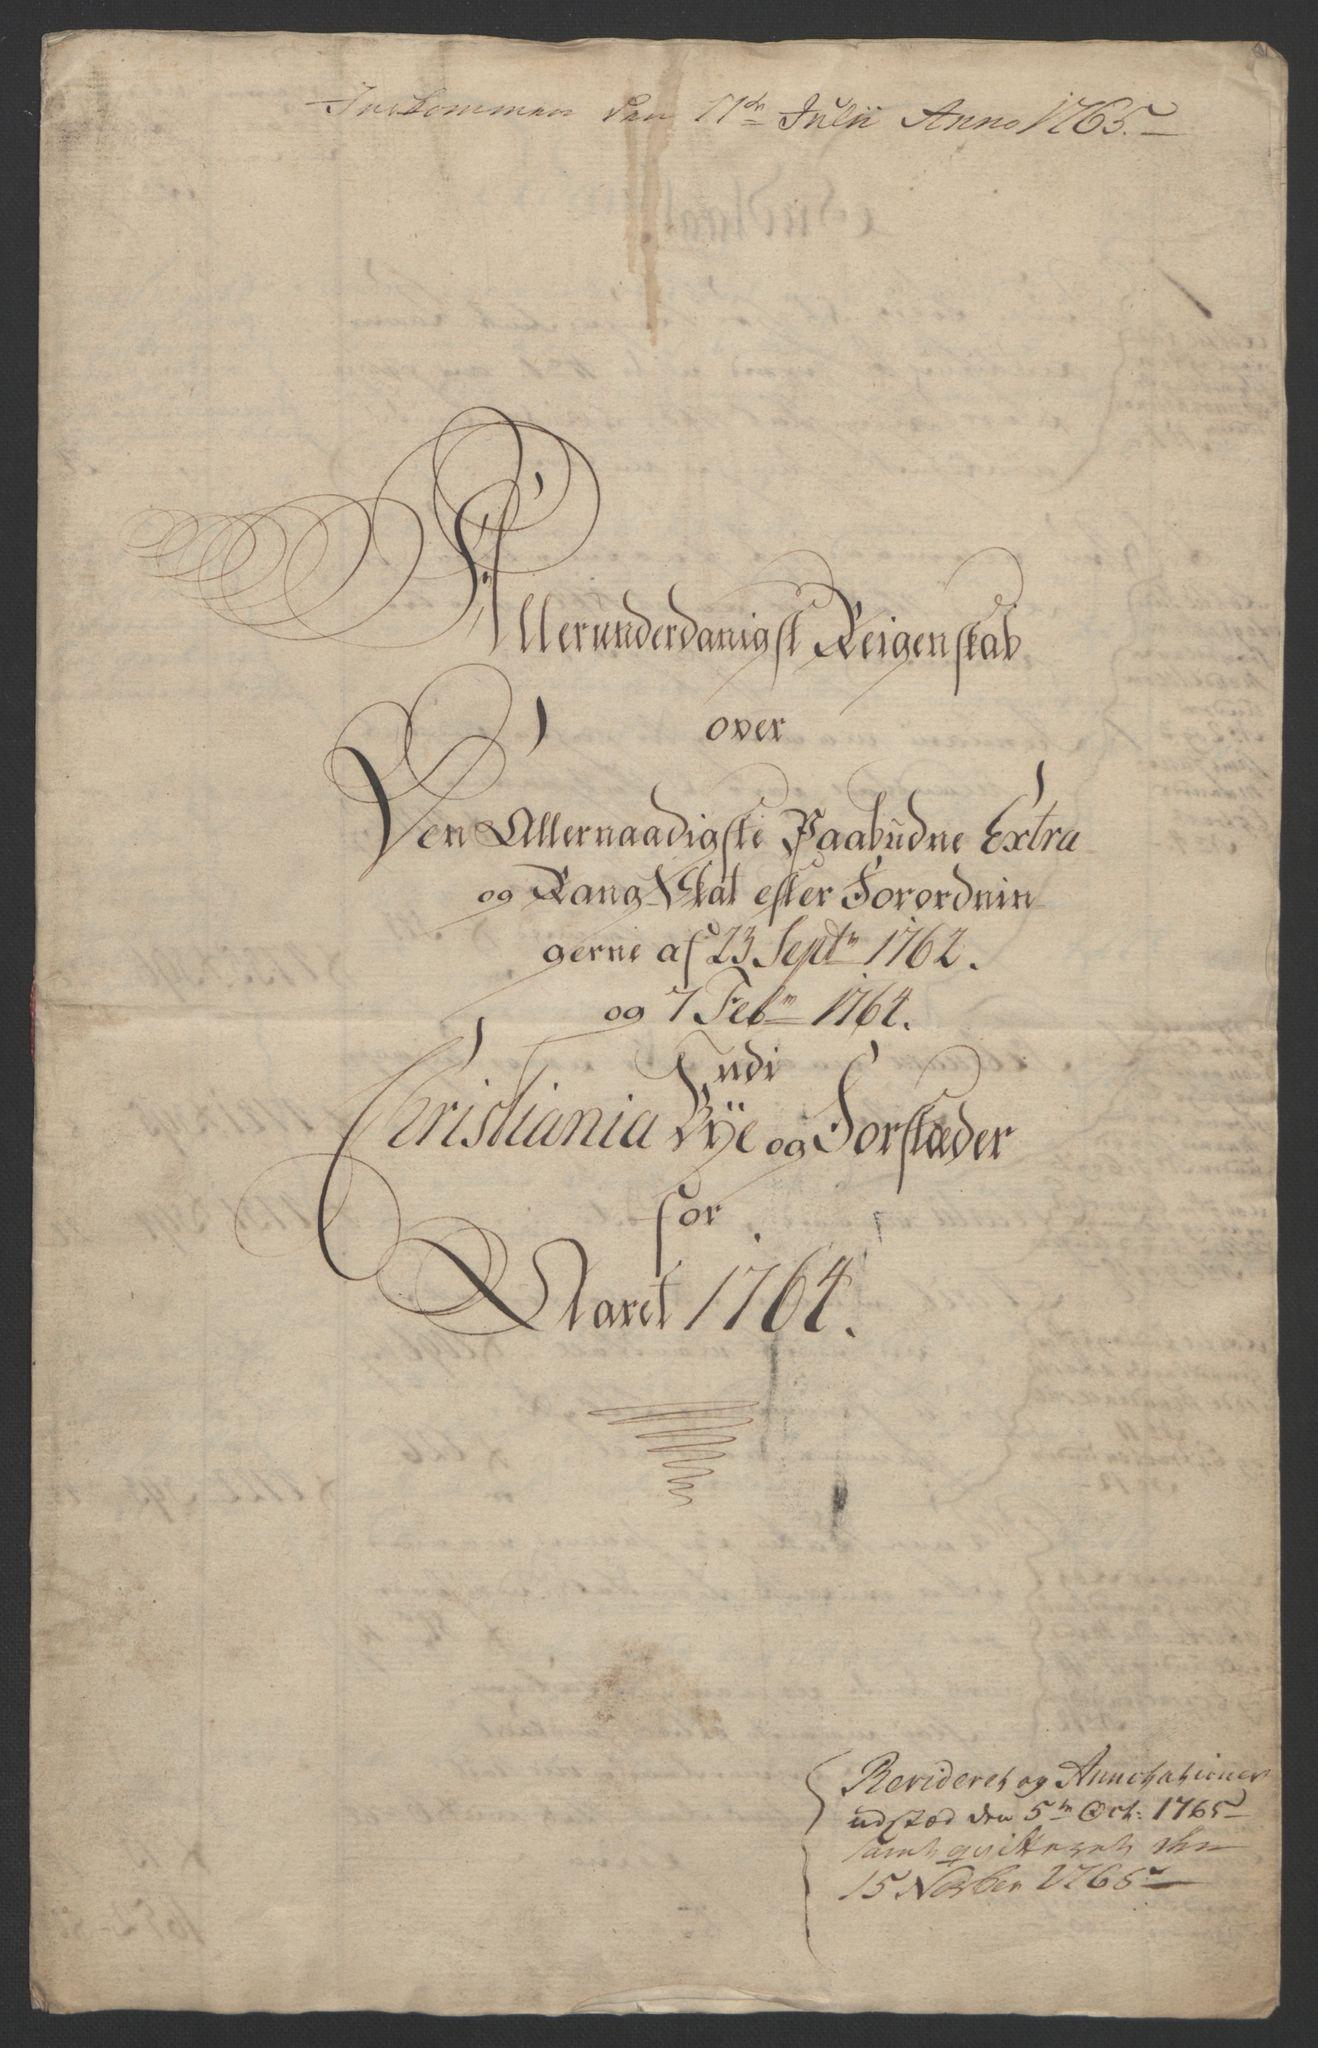 RA, Rentekammeret inntil 1814, Reviderte regnskaper, Byregnskaper, R/Re/L0072: [E13] Kontribusjonsregnskap, 1763-1764, s. 214